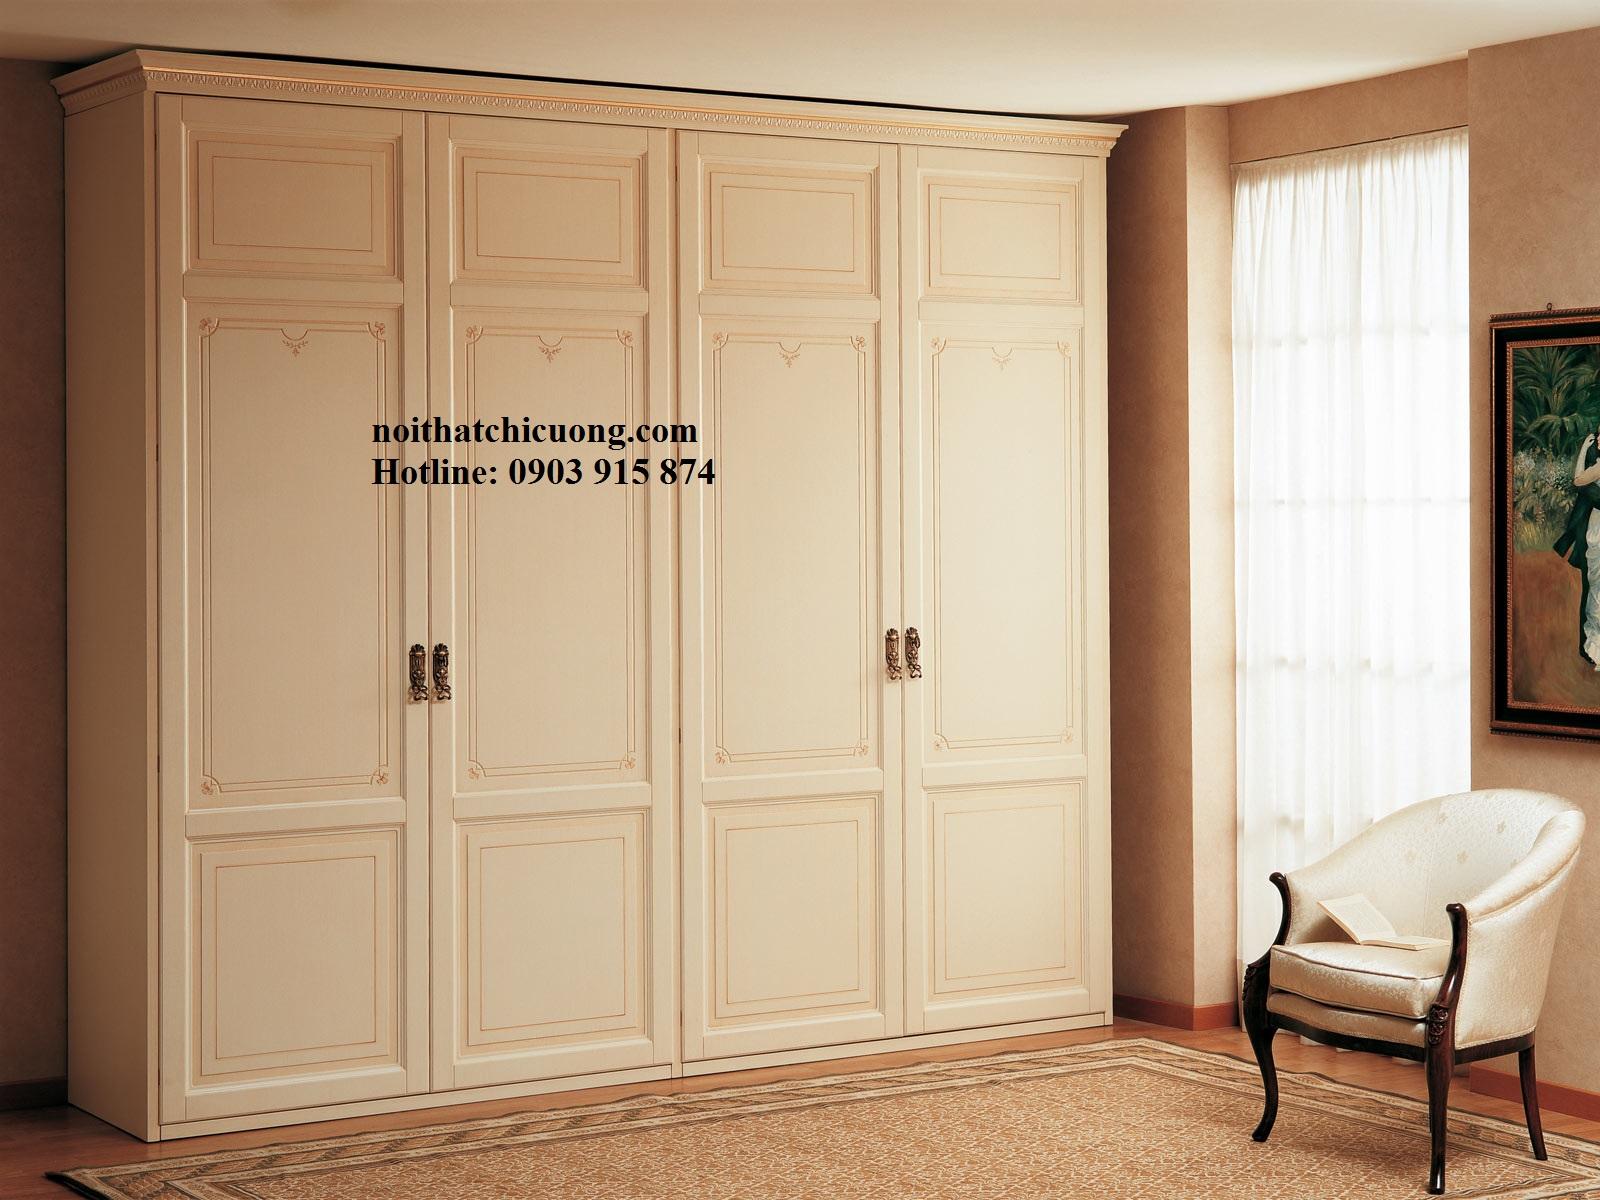 Nội Thất Phòng Ngủ - Tủ Quần Áo Cánh Mở Sơn Trắng - 054